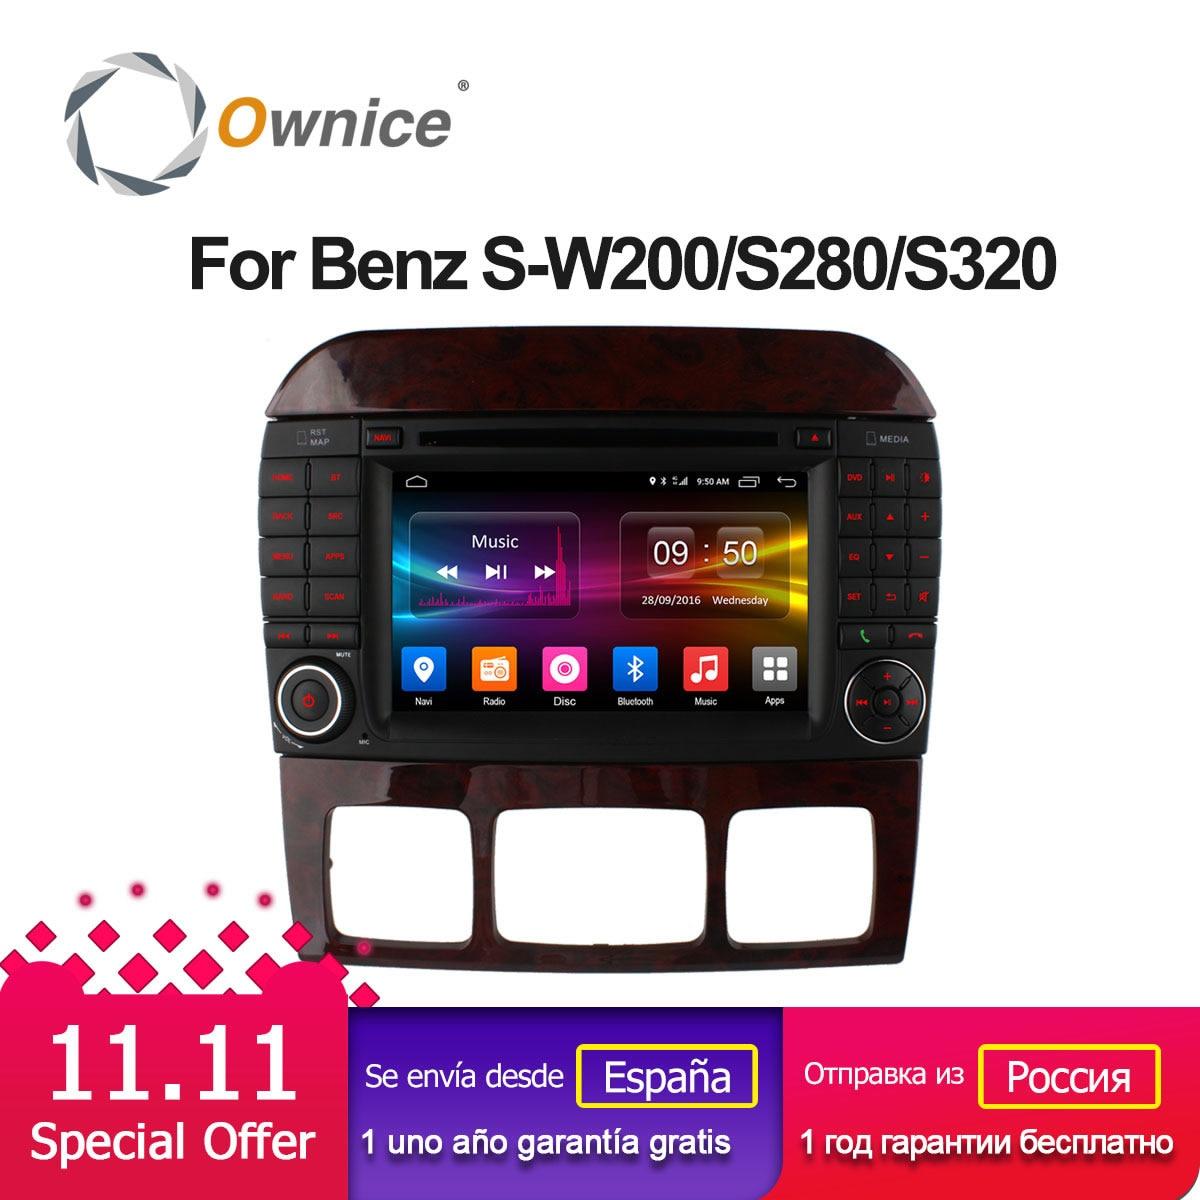 Ownice C500 الروبوت 6.0 الثماني النواة سيارة مشغل ديفيدي لمرسيدس S الدرجة W220 S280 S320 S350 S400 S420 S430 GPS نافي راديو wifi 4 جرام